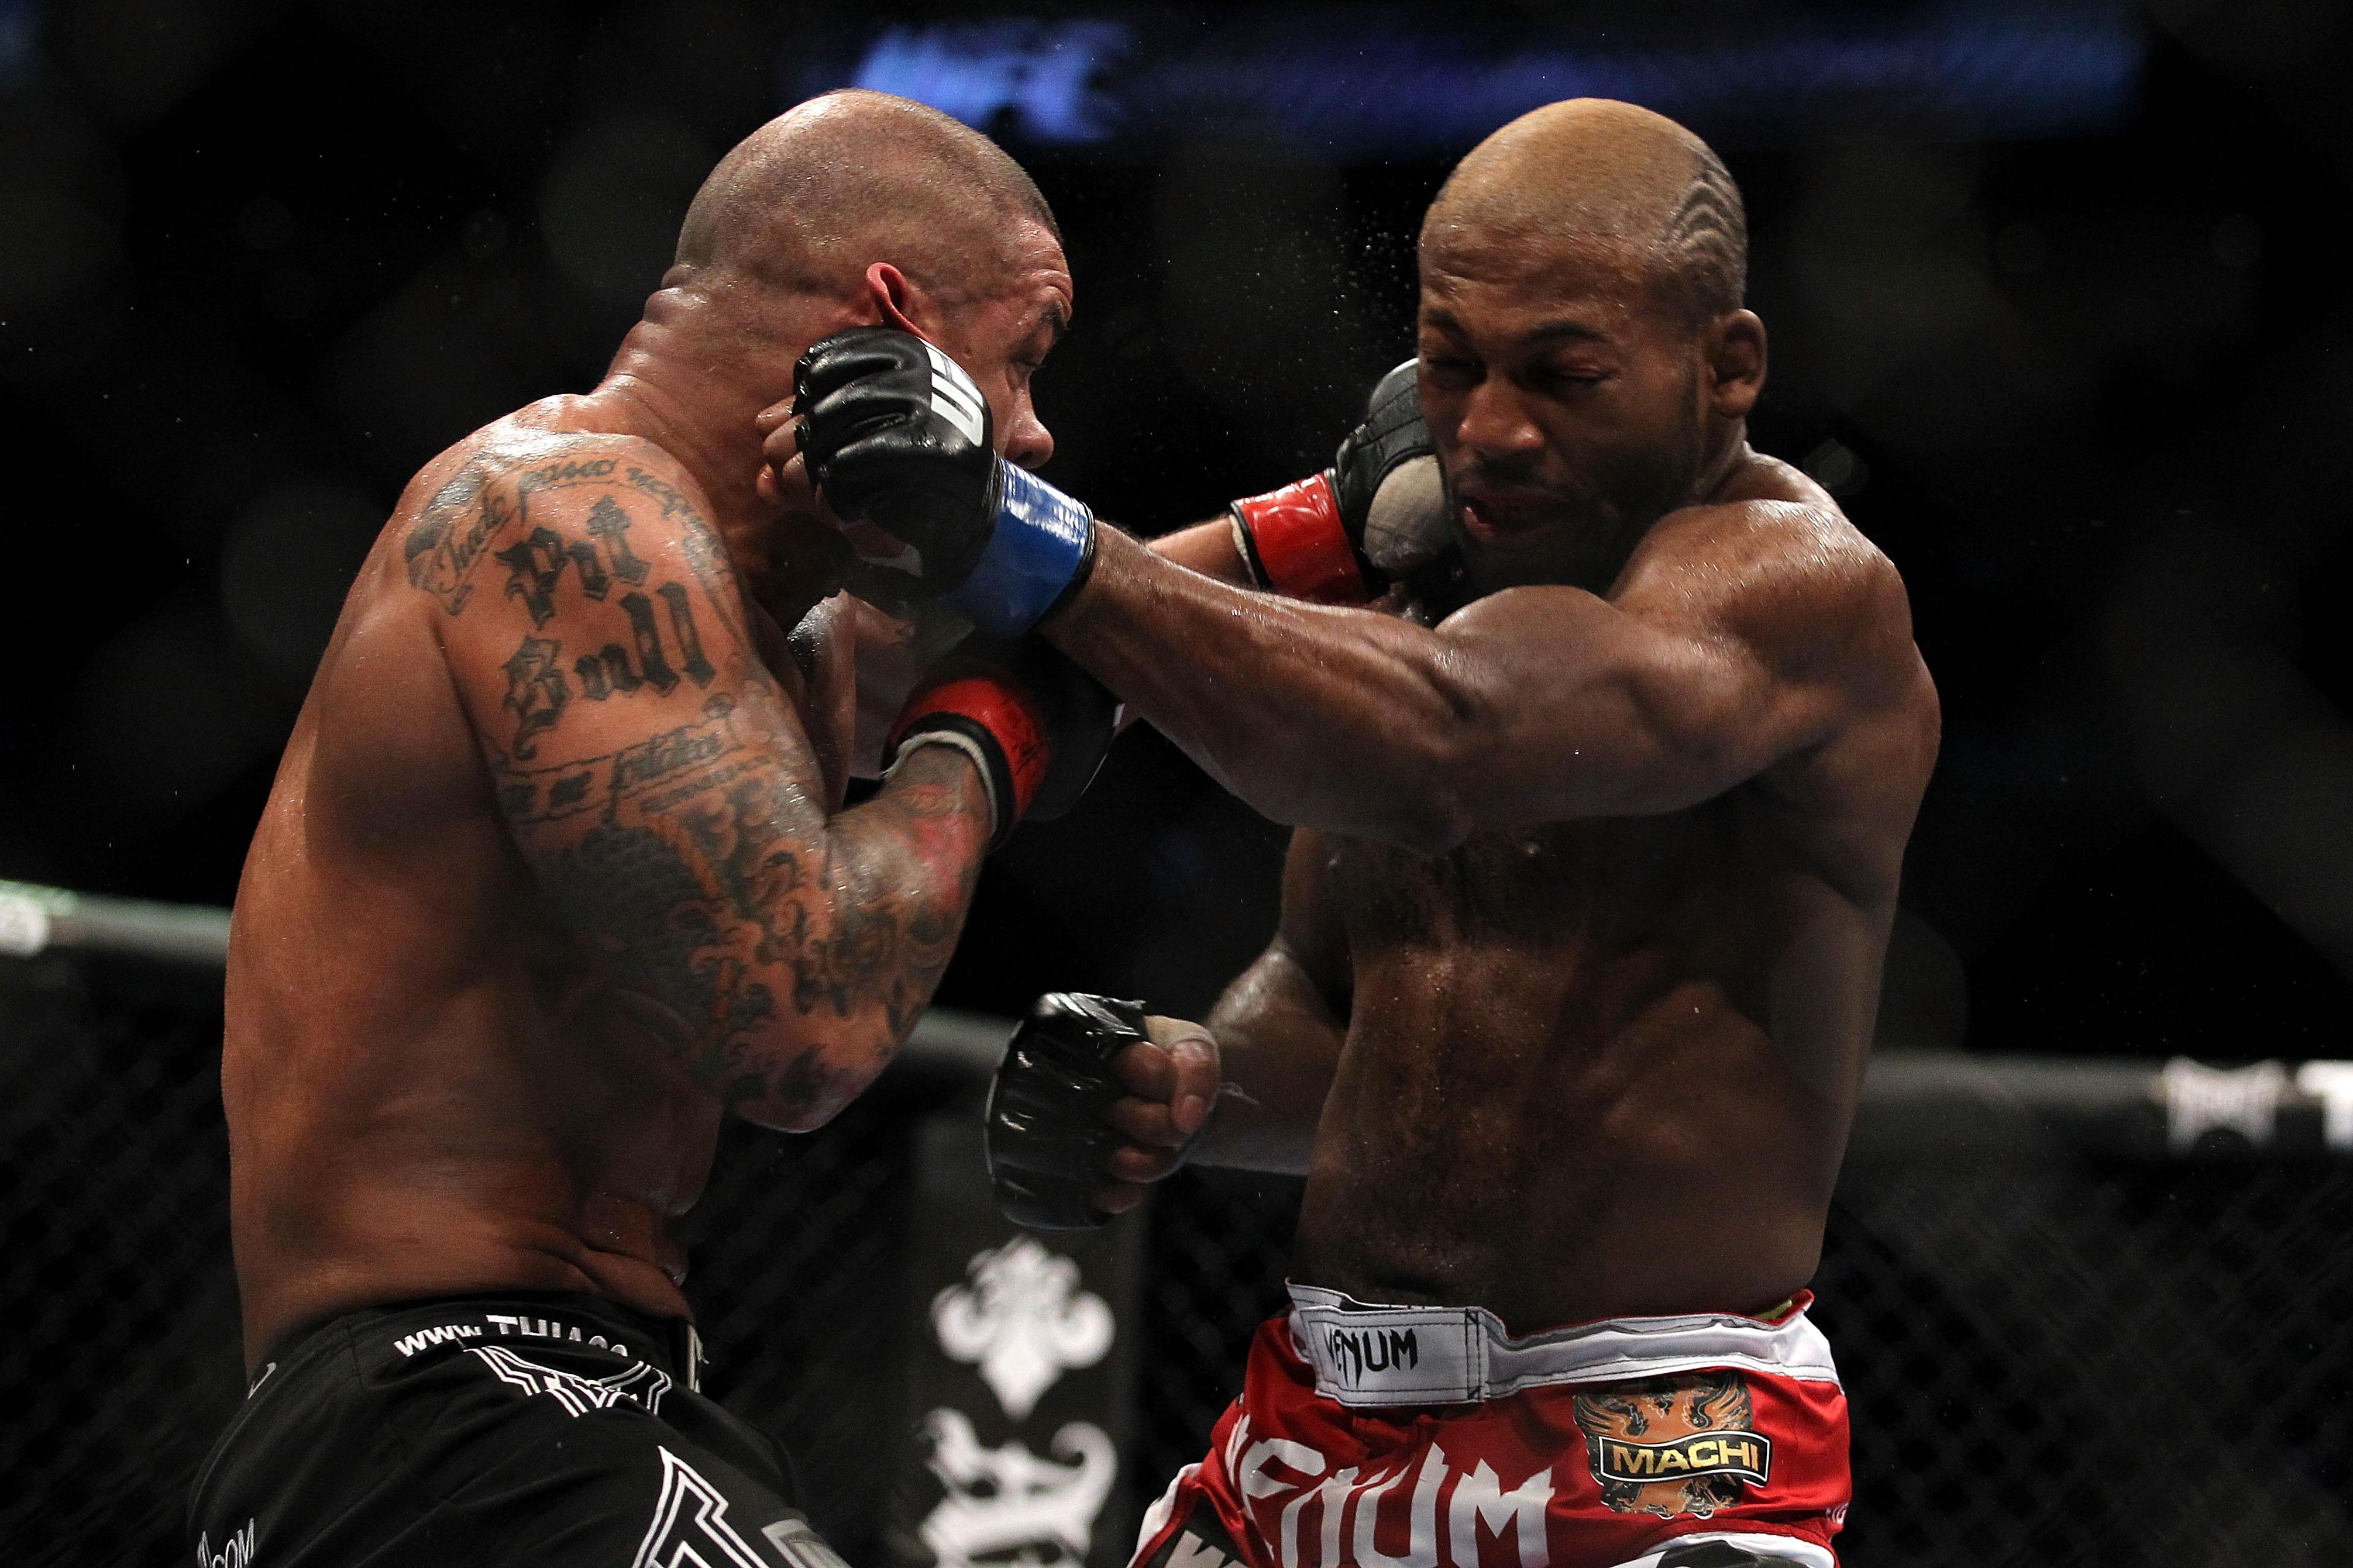 John Howard trades blows with Thiago Alves at UFC 124